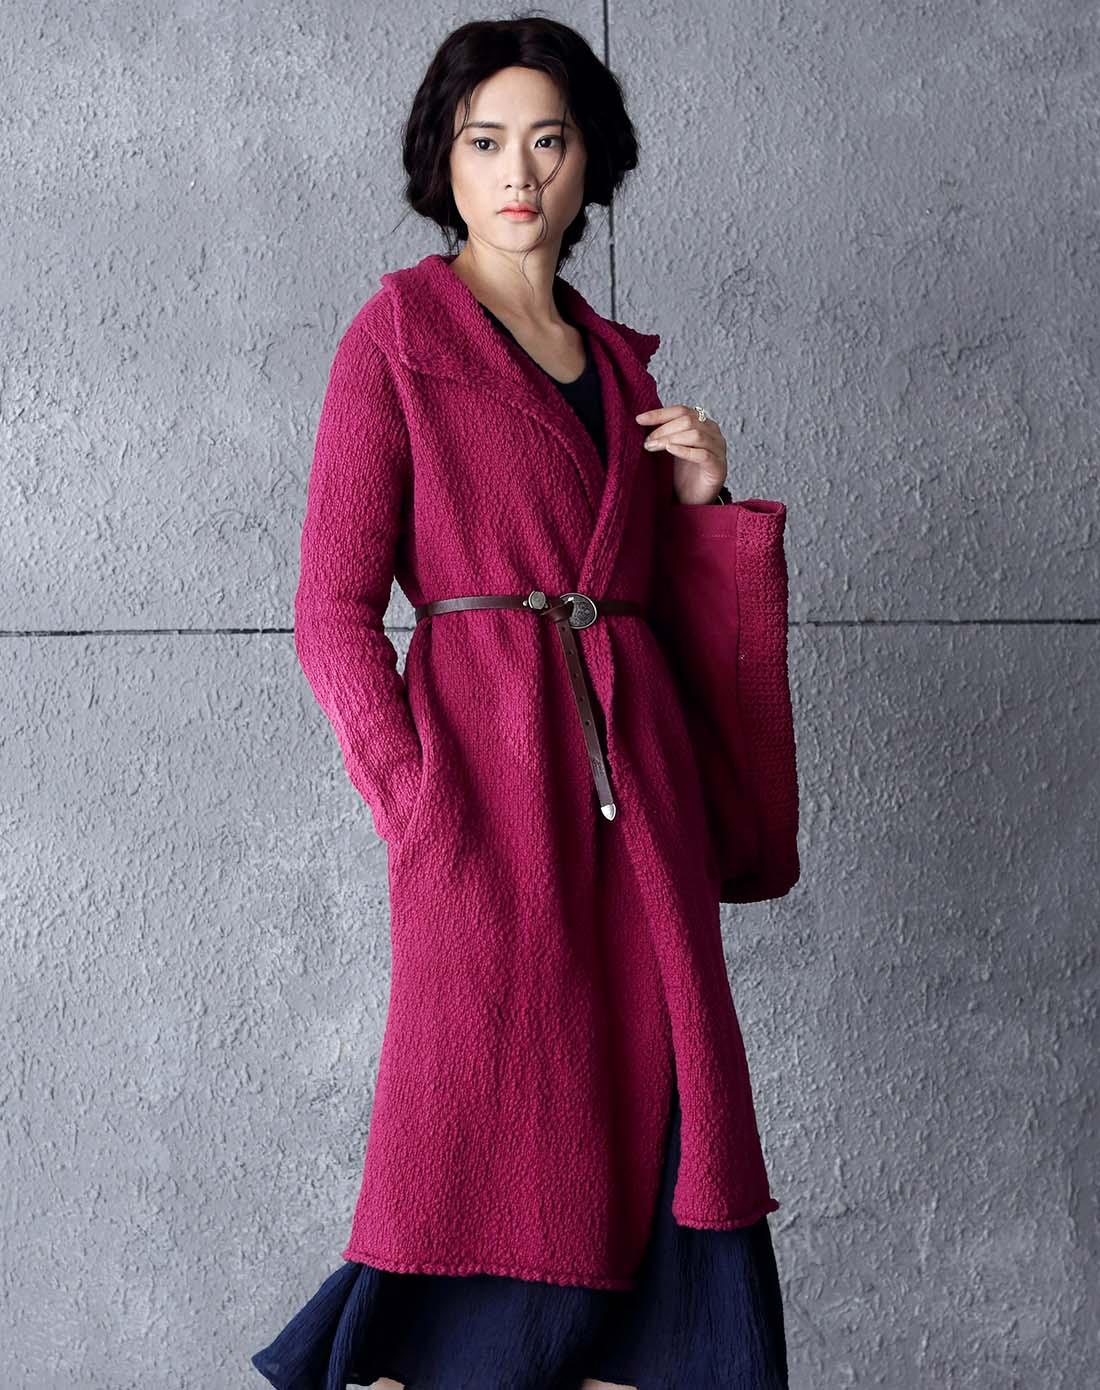 酒红色中长款毛衣外套